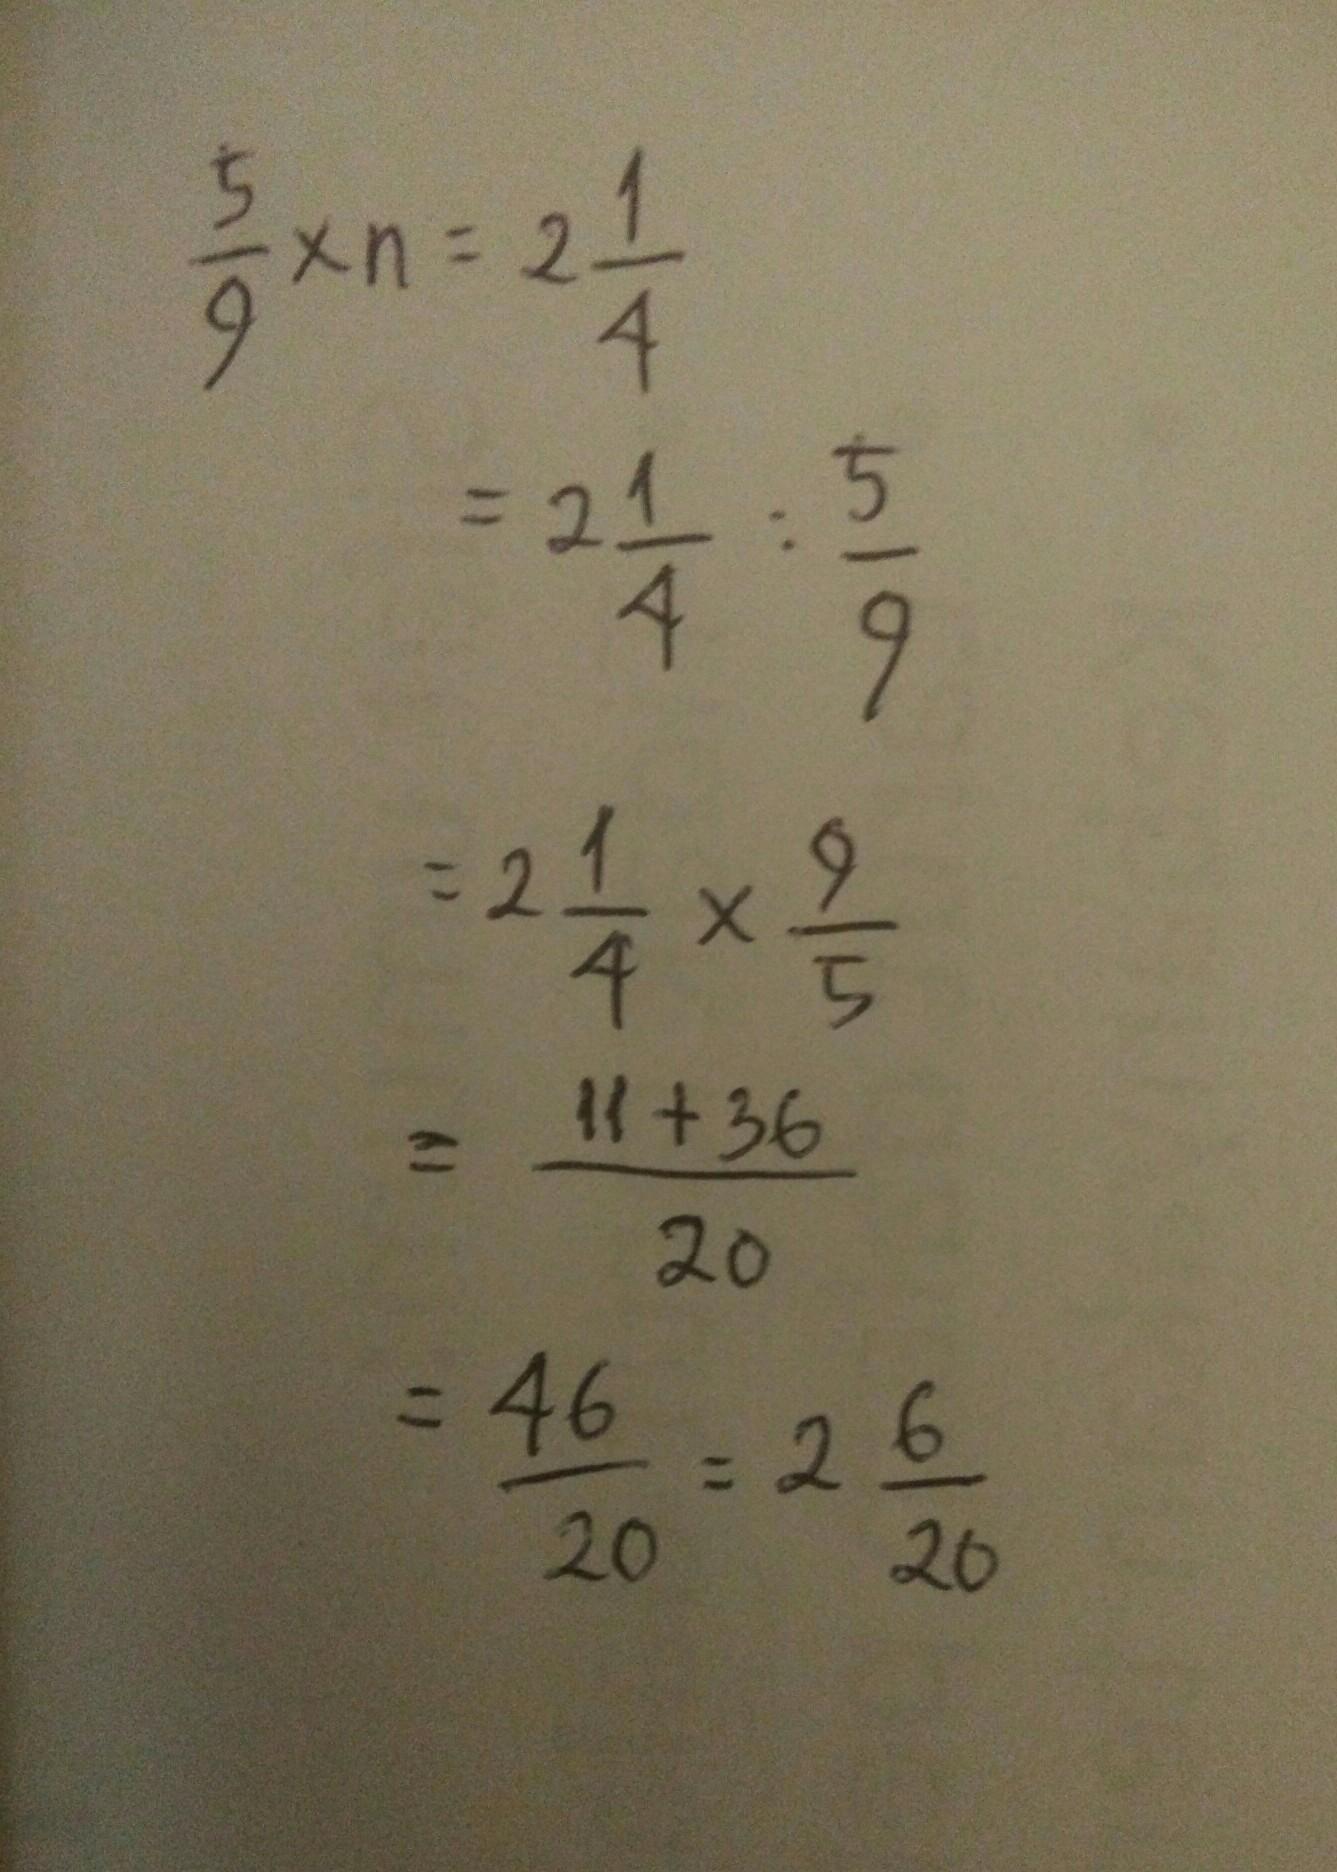 Jika 5/9 x n = 2 1/4 , maka nilai n adalah - Brainly.co.id